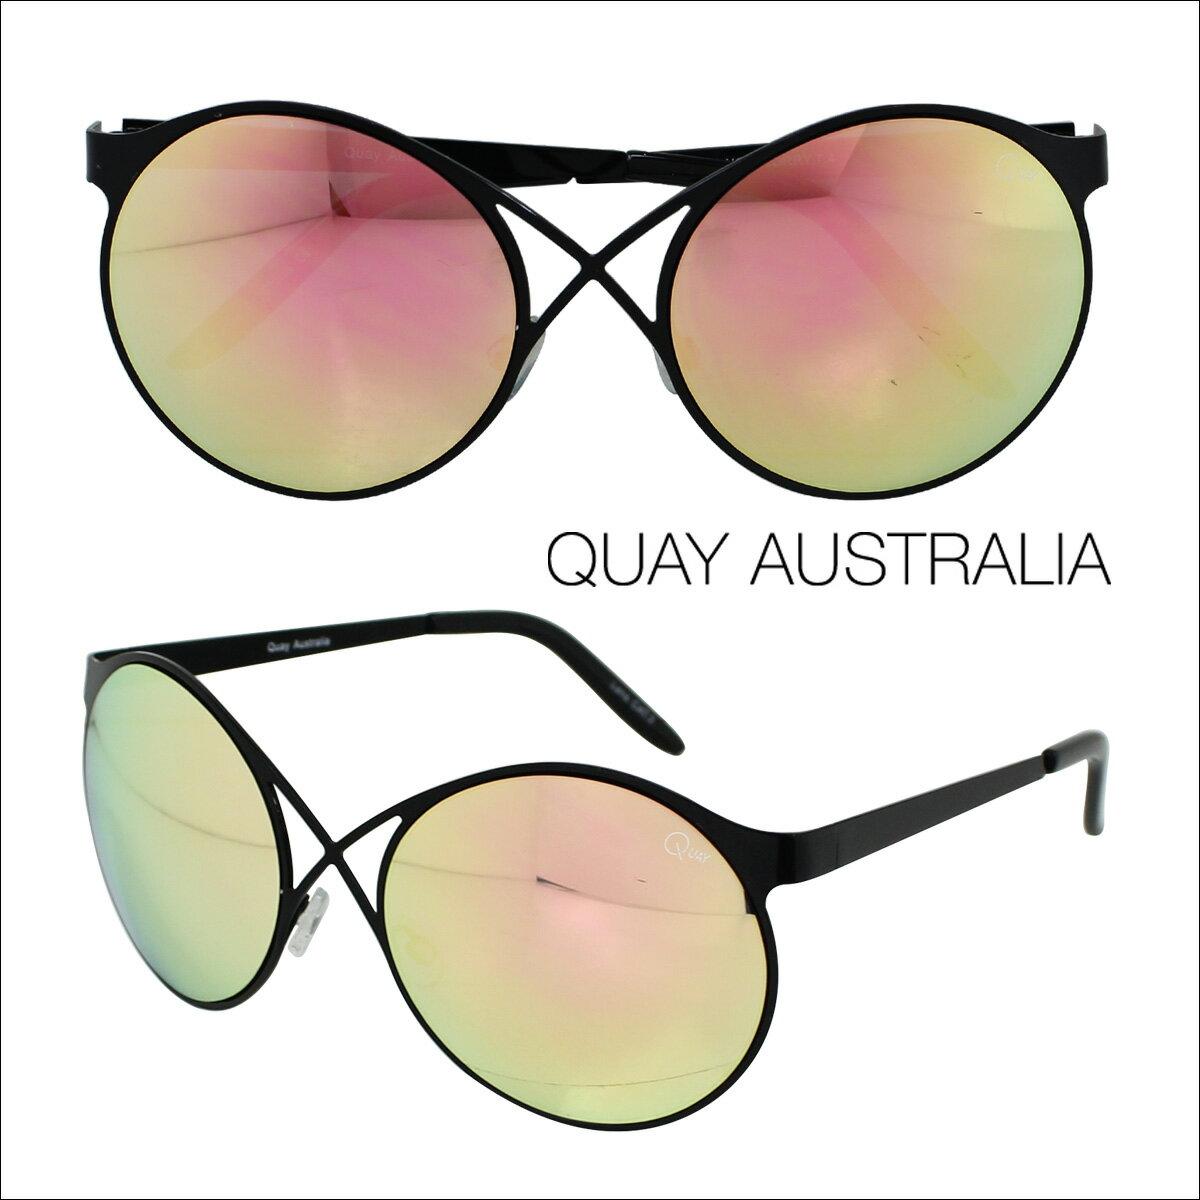 【訳あり】 サングラス キーアイウェア オーストラリア QUAY EYEWARE AUSTRALIA レディース ブラック ローズ 【返品不可】